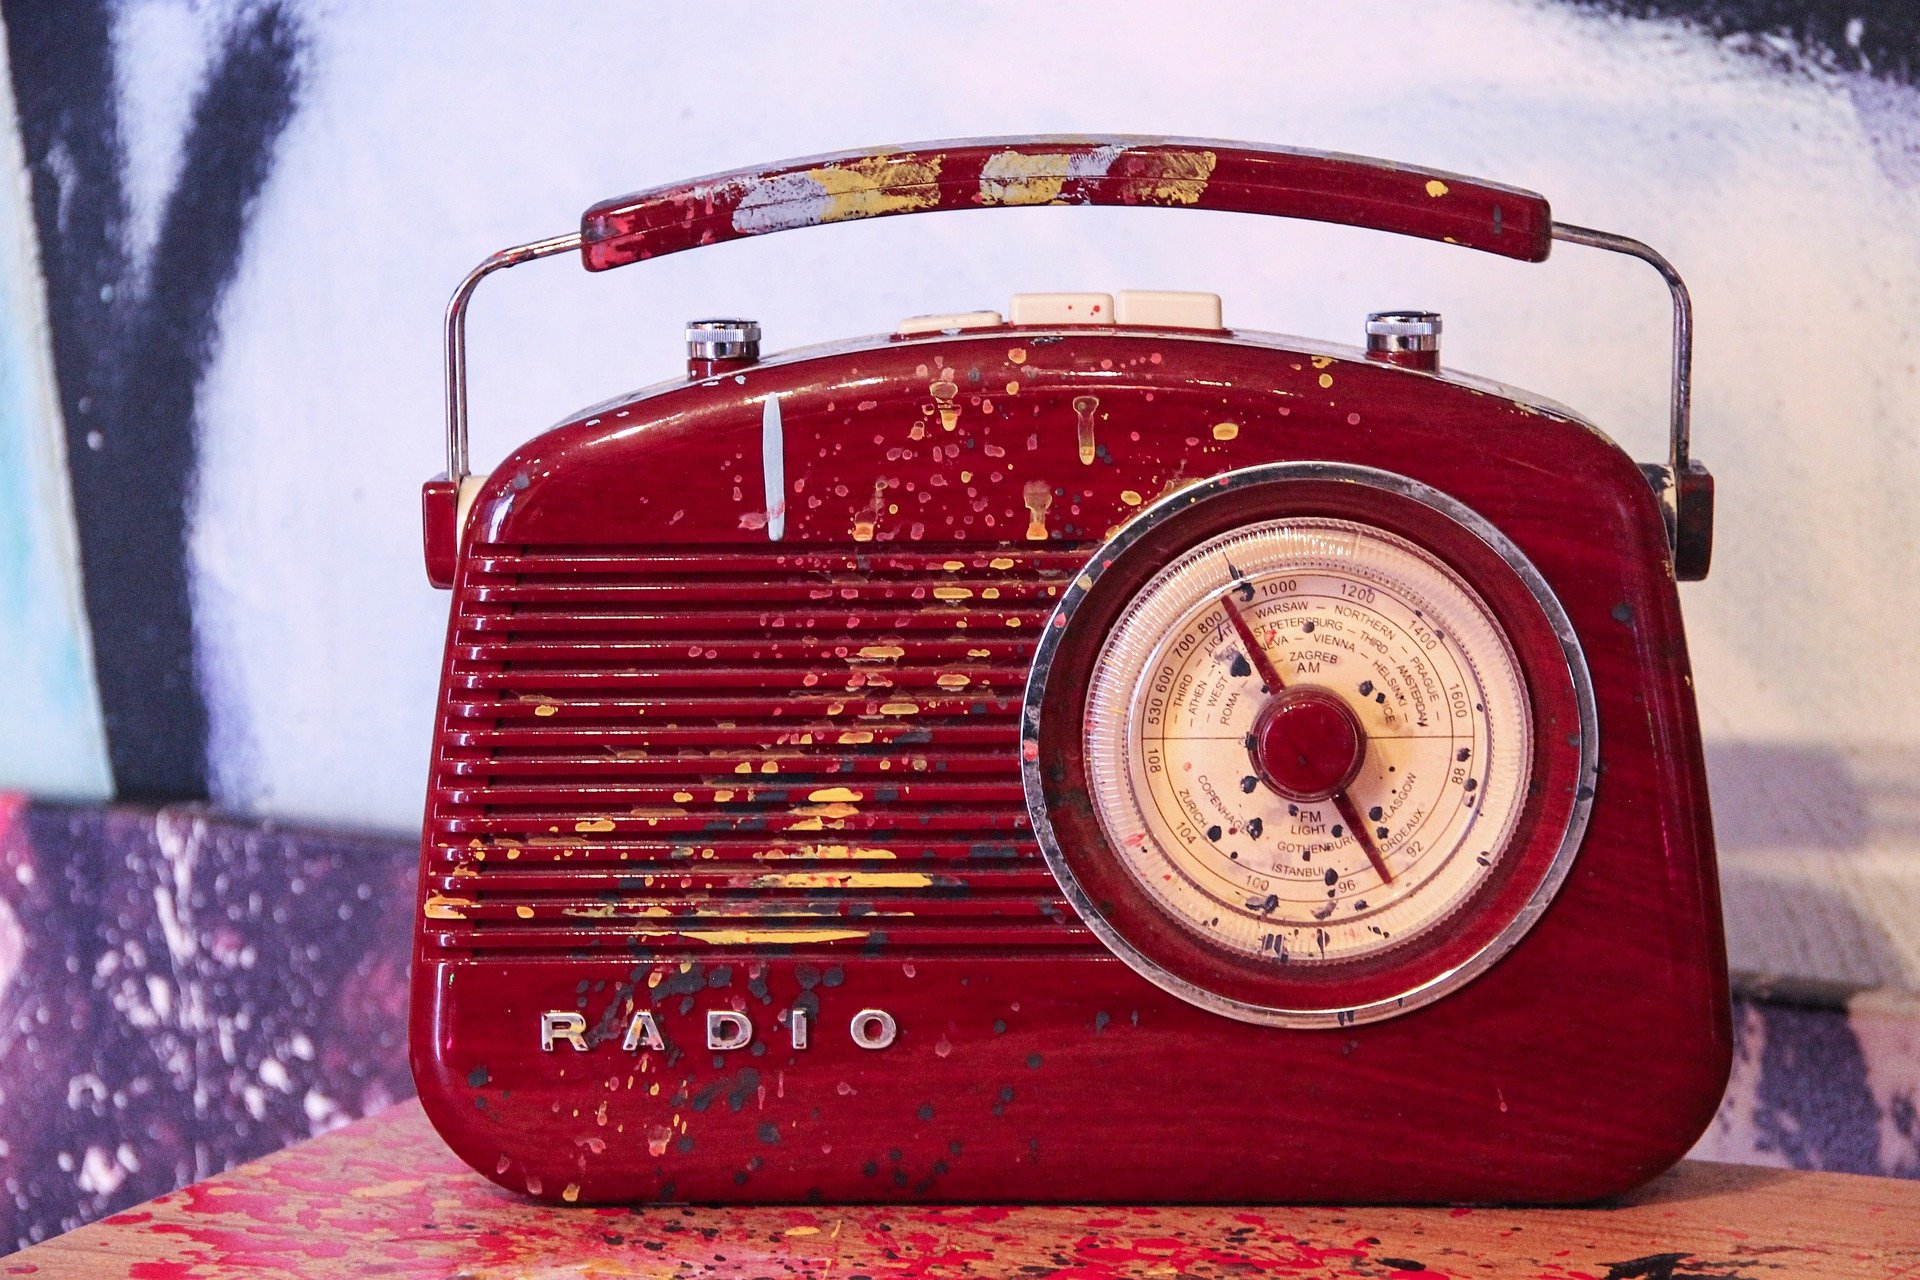 Auf dem Foto ist ein rotes Kofferradio zu sehen. Foto: © pixabay